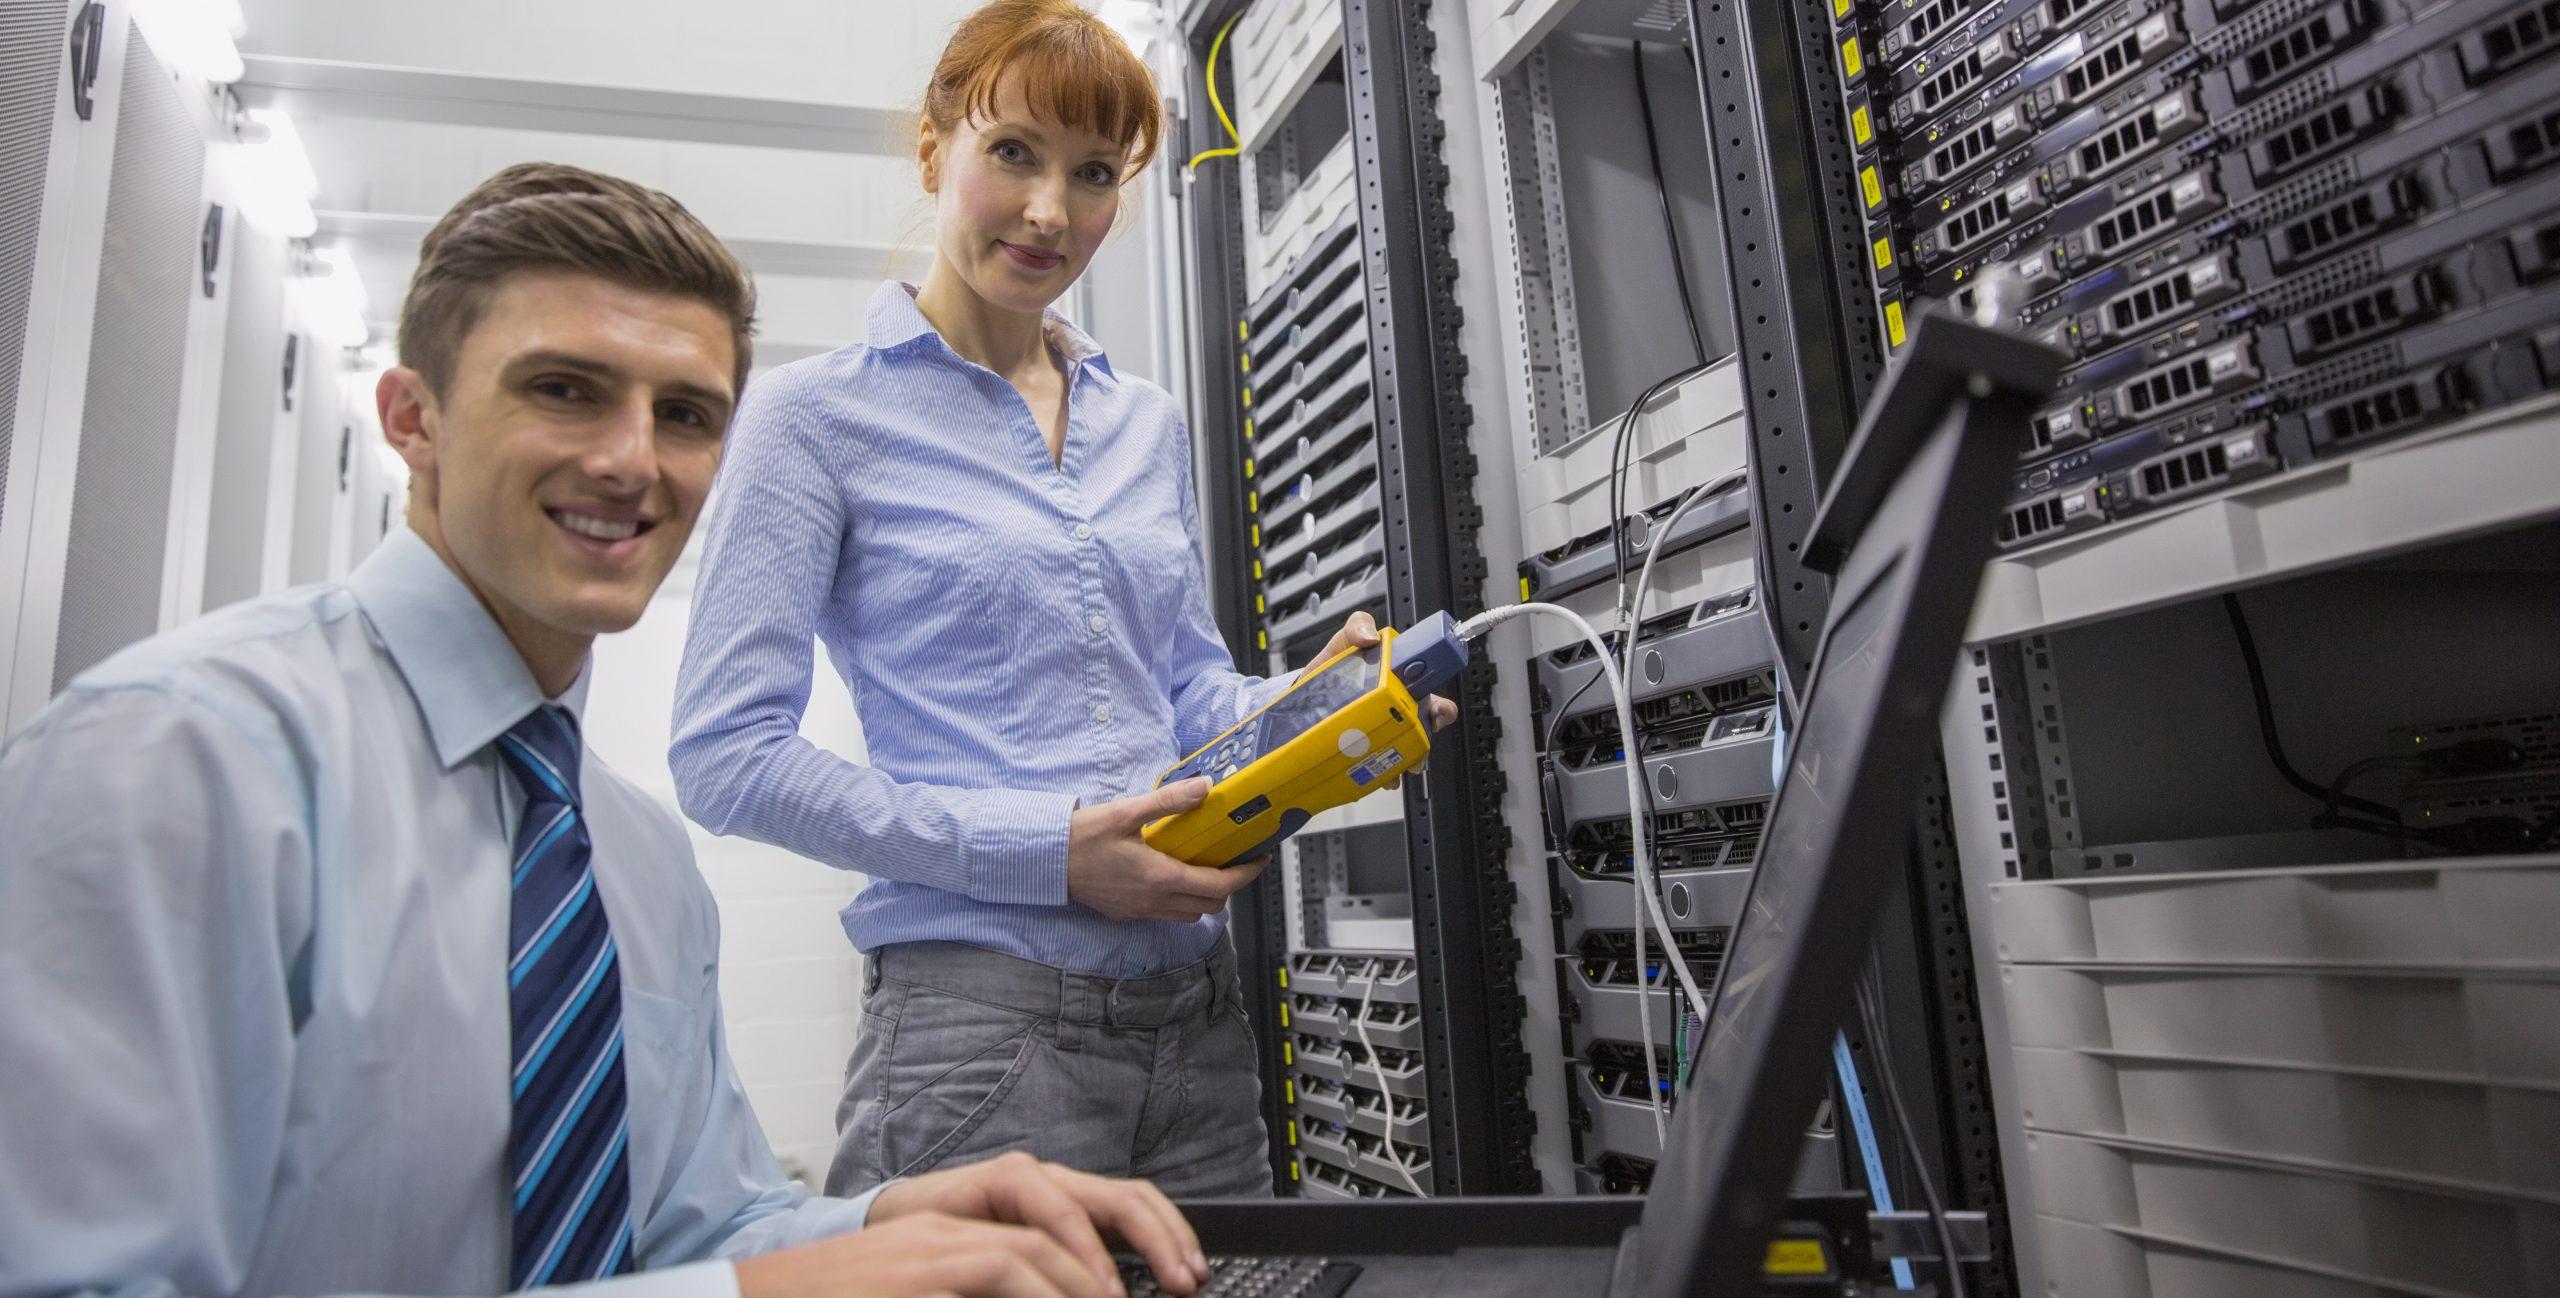 Zwei Techniker, männlich und weiblich, im Serverraum und analysieren Daten.